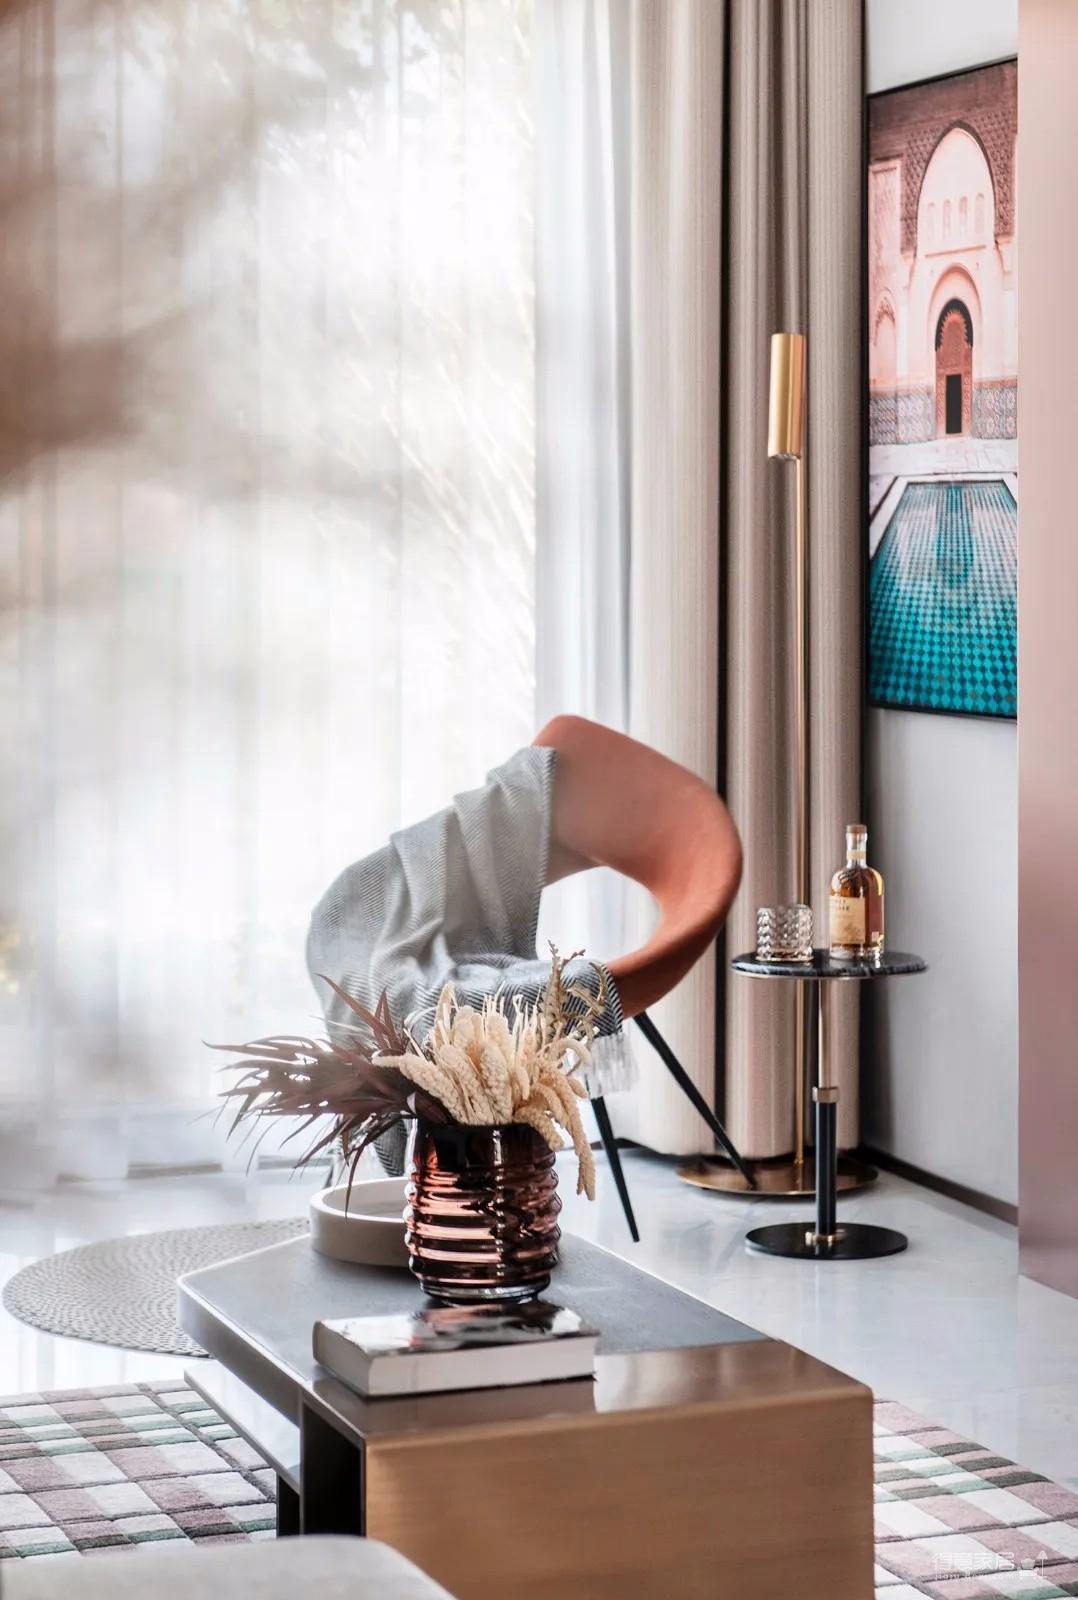 装修选择了当下流行的现代轻奢风格,时尚精致感跃然纸上,丰富的色彩,活跃的氛围,温馨的效果,打造出了一个极具浪漫气息的样板间,实在惊艳。